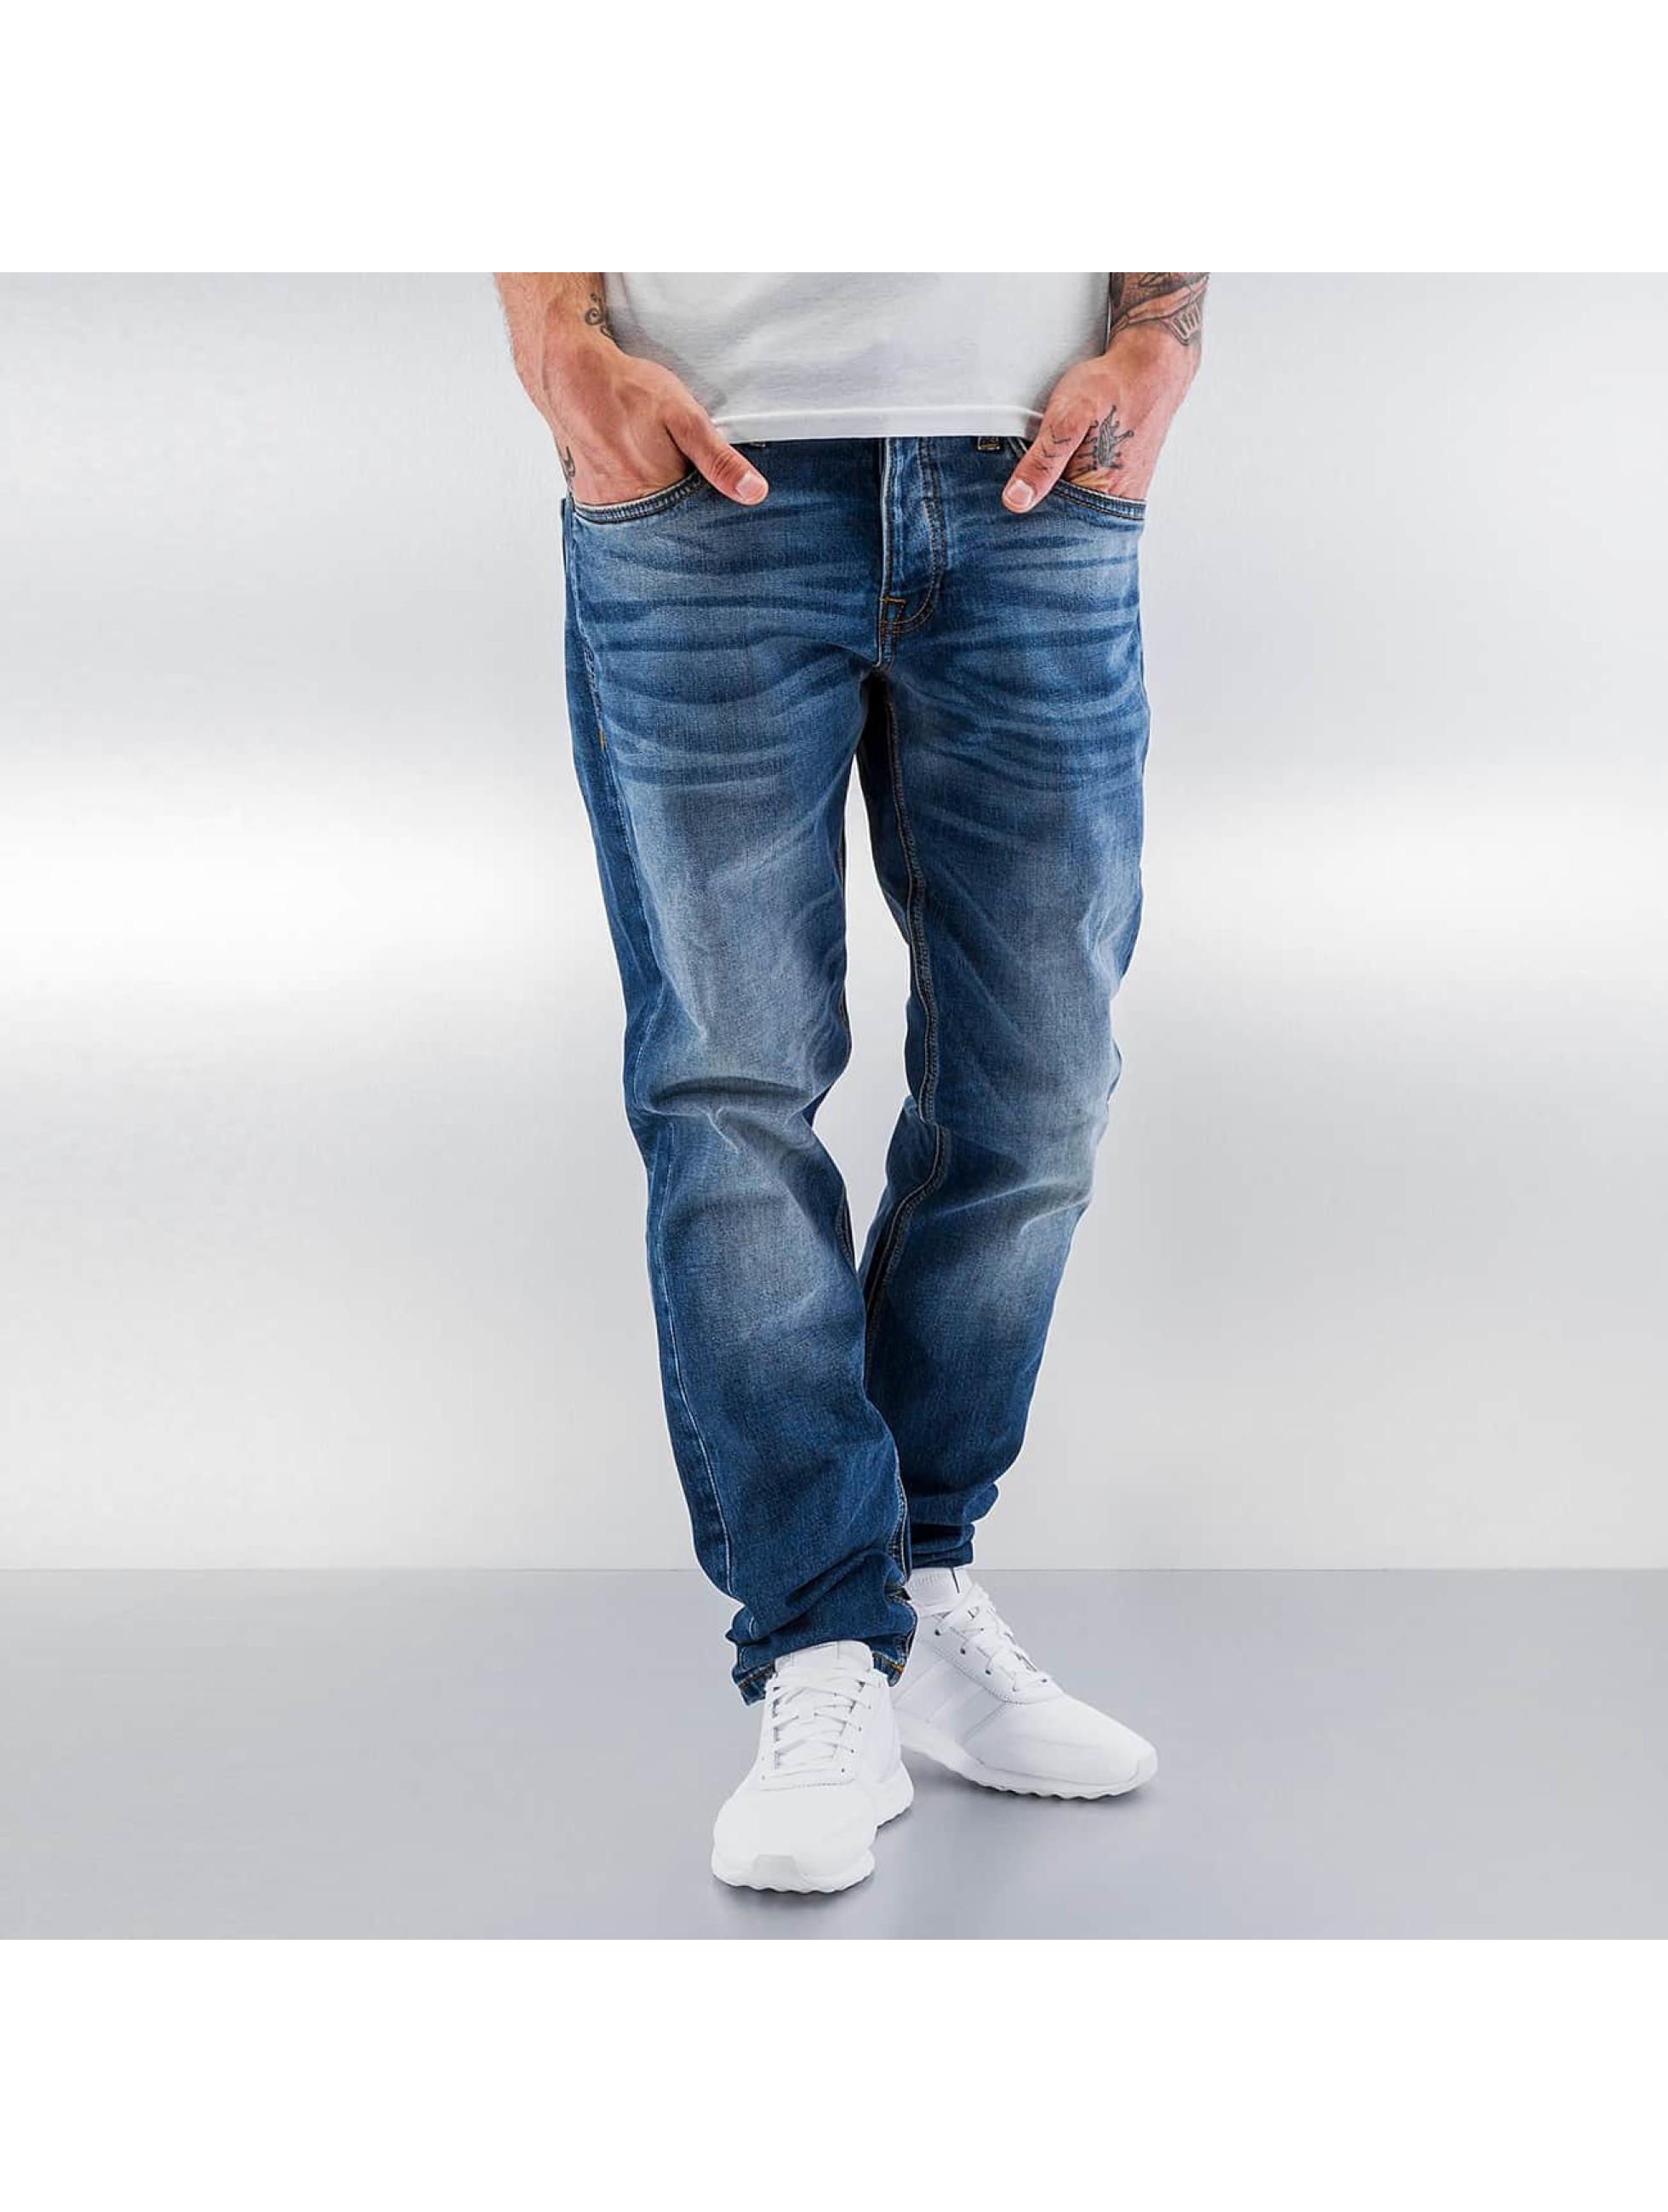 Jack & Jones Männer Straight Fit Jeans jjiMike jjOriginals in blau